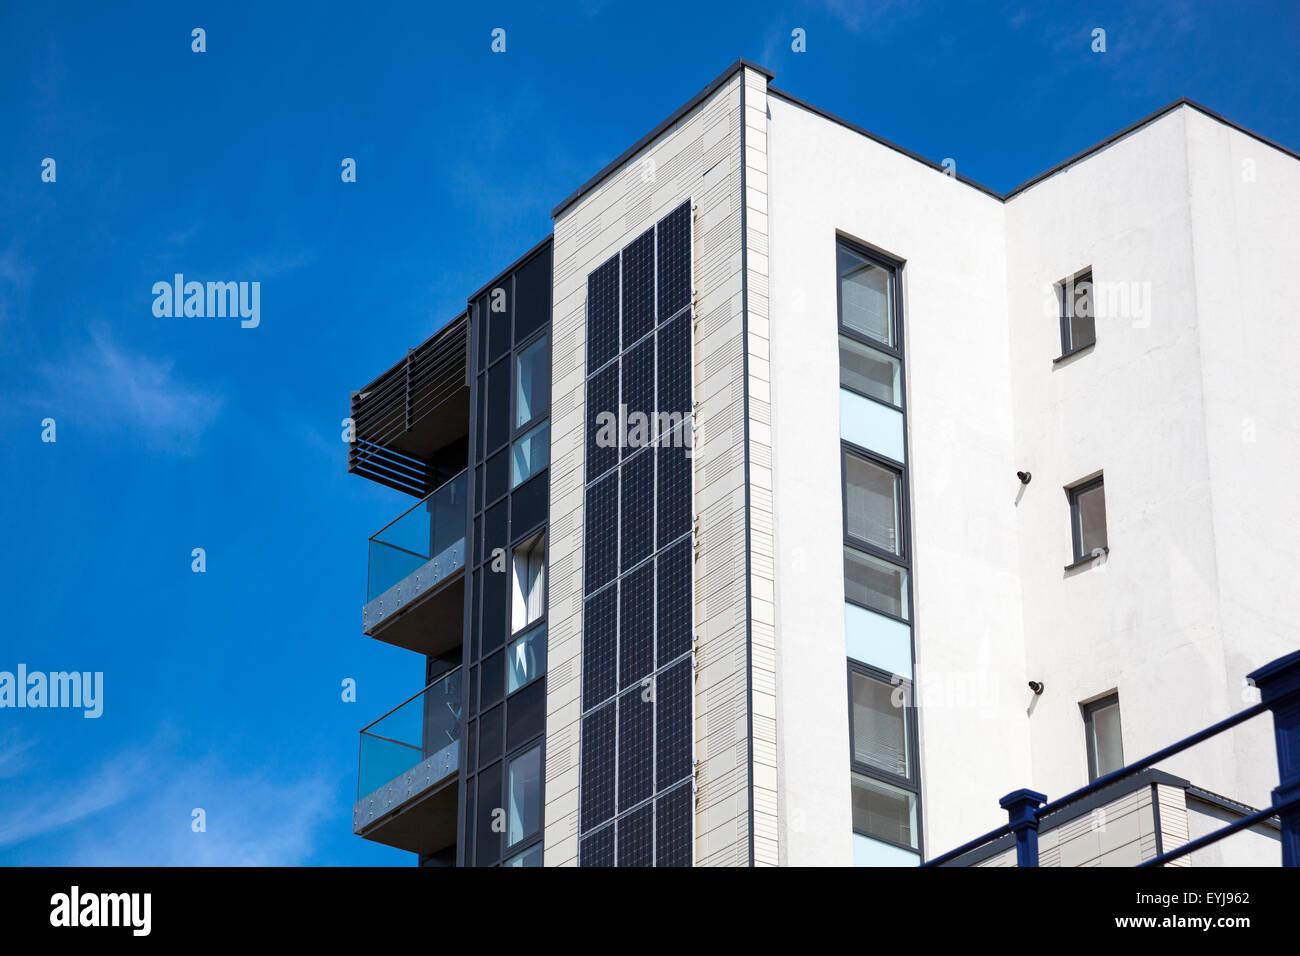 Modernes Mehrfamilienhaus mit Solar-Panels auf der Seite Stockbild